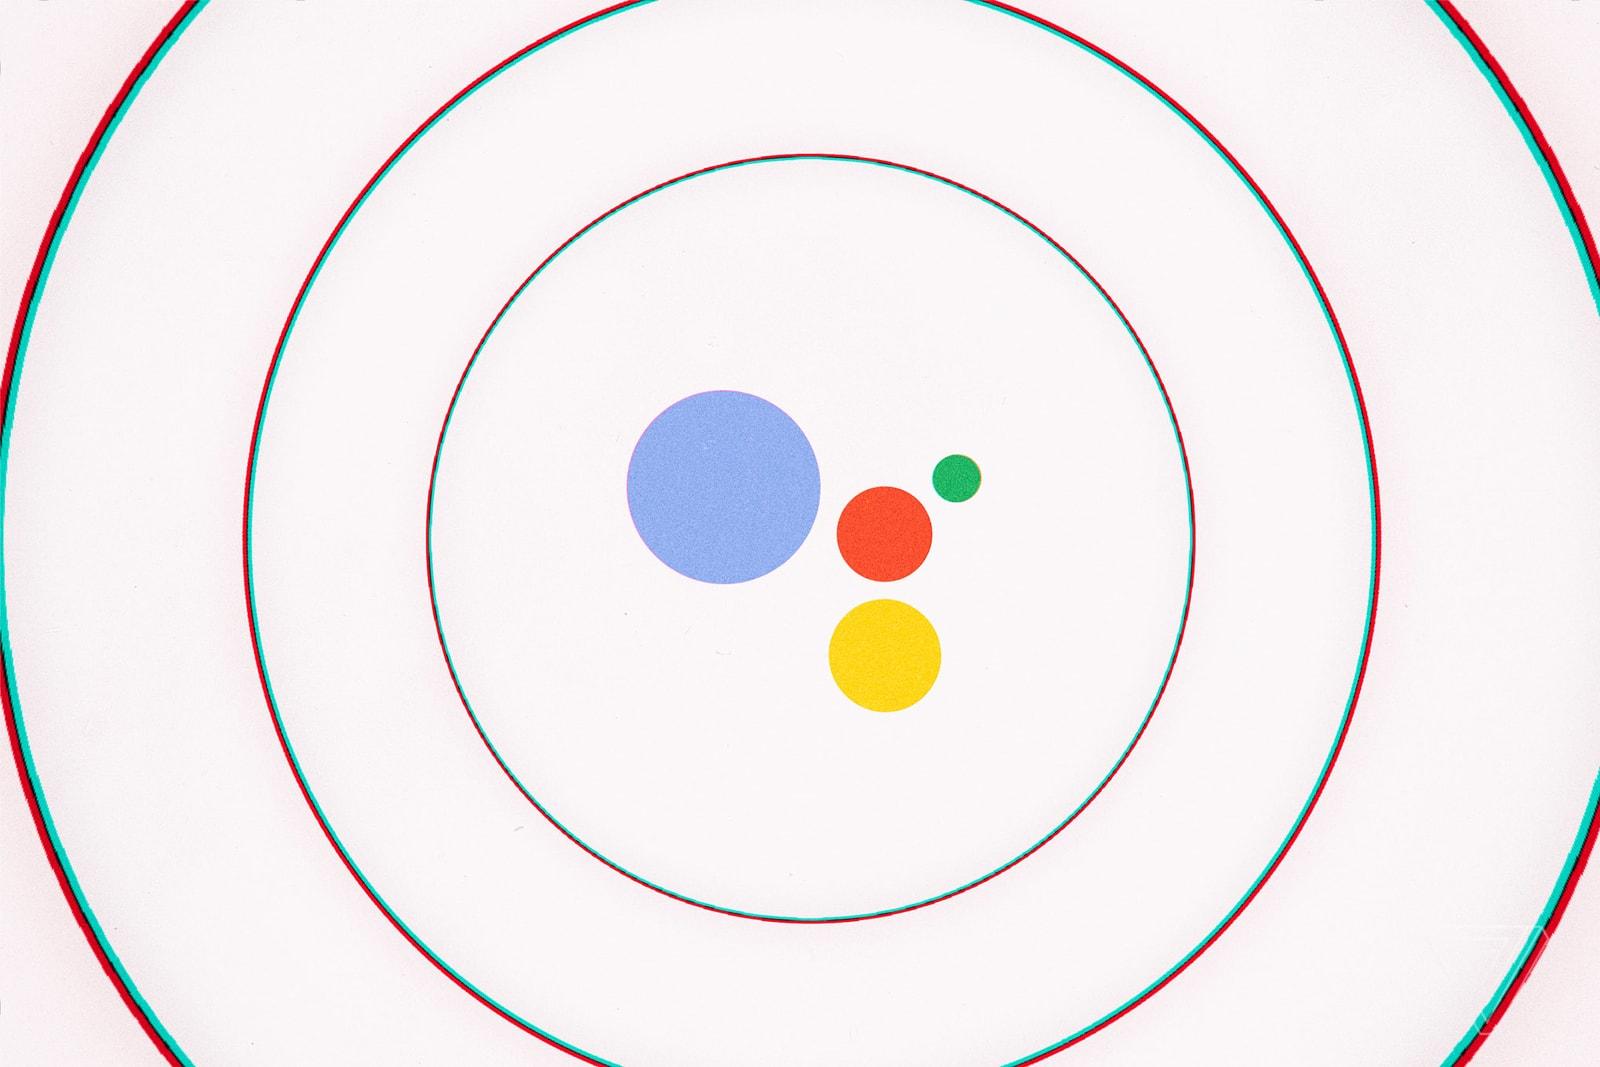 Trợ lý ảo Google Assistant được bổ sung thêm giọng nói mới ở 9 quốc gia - ảnh 1